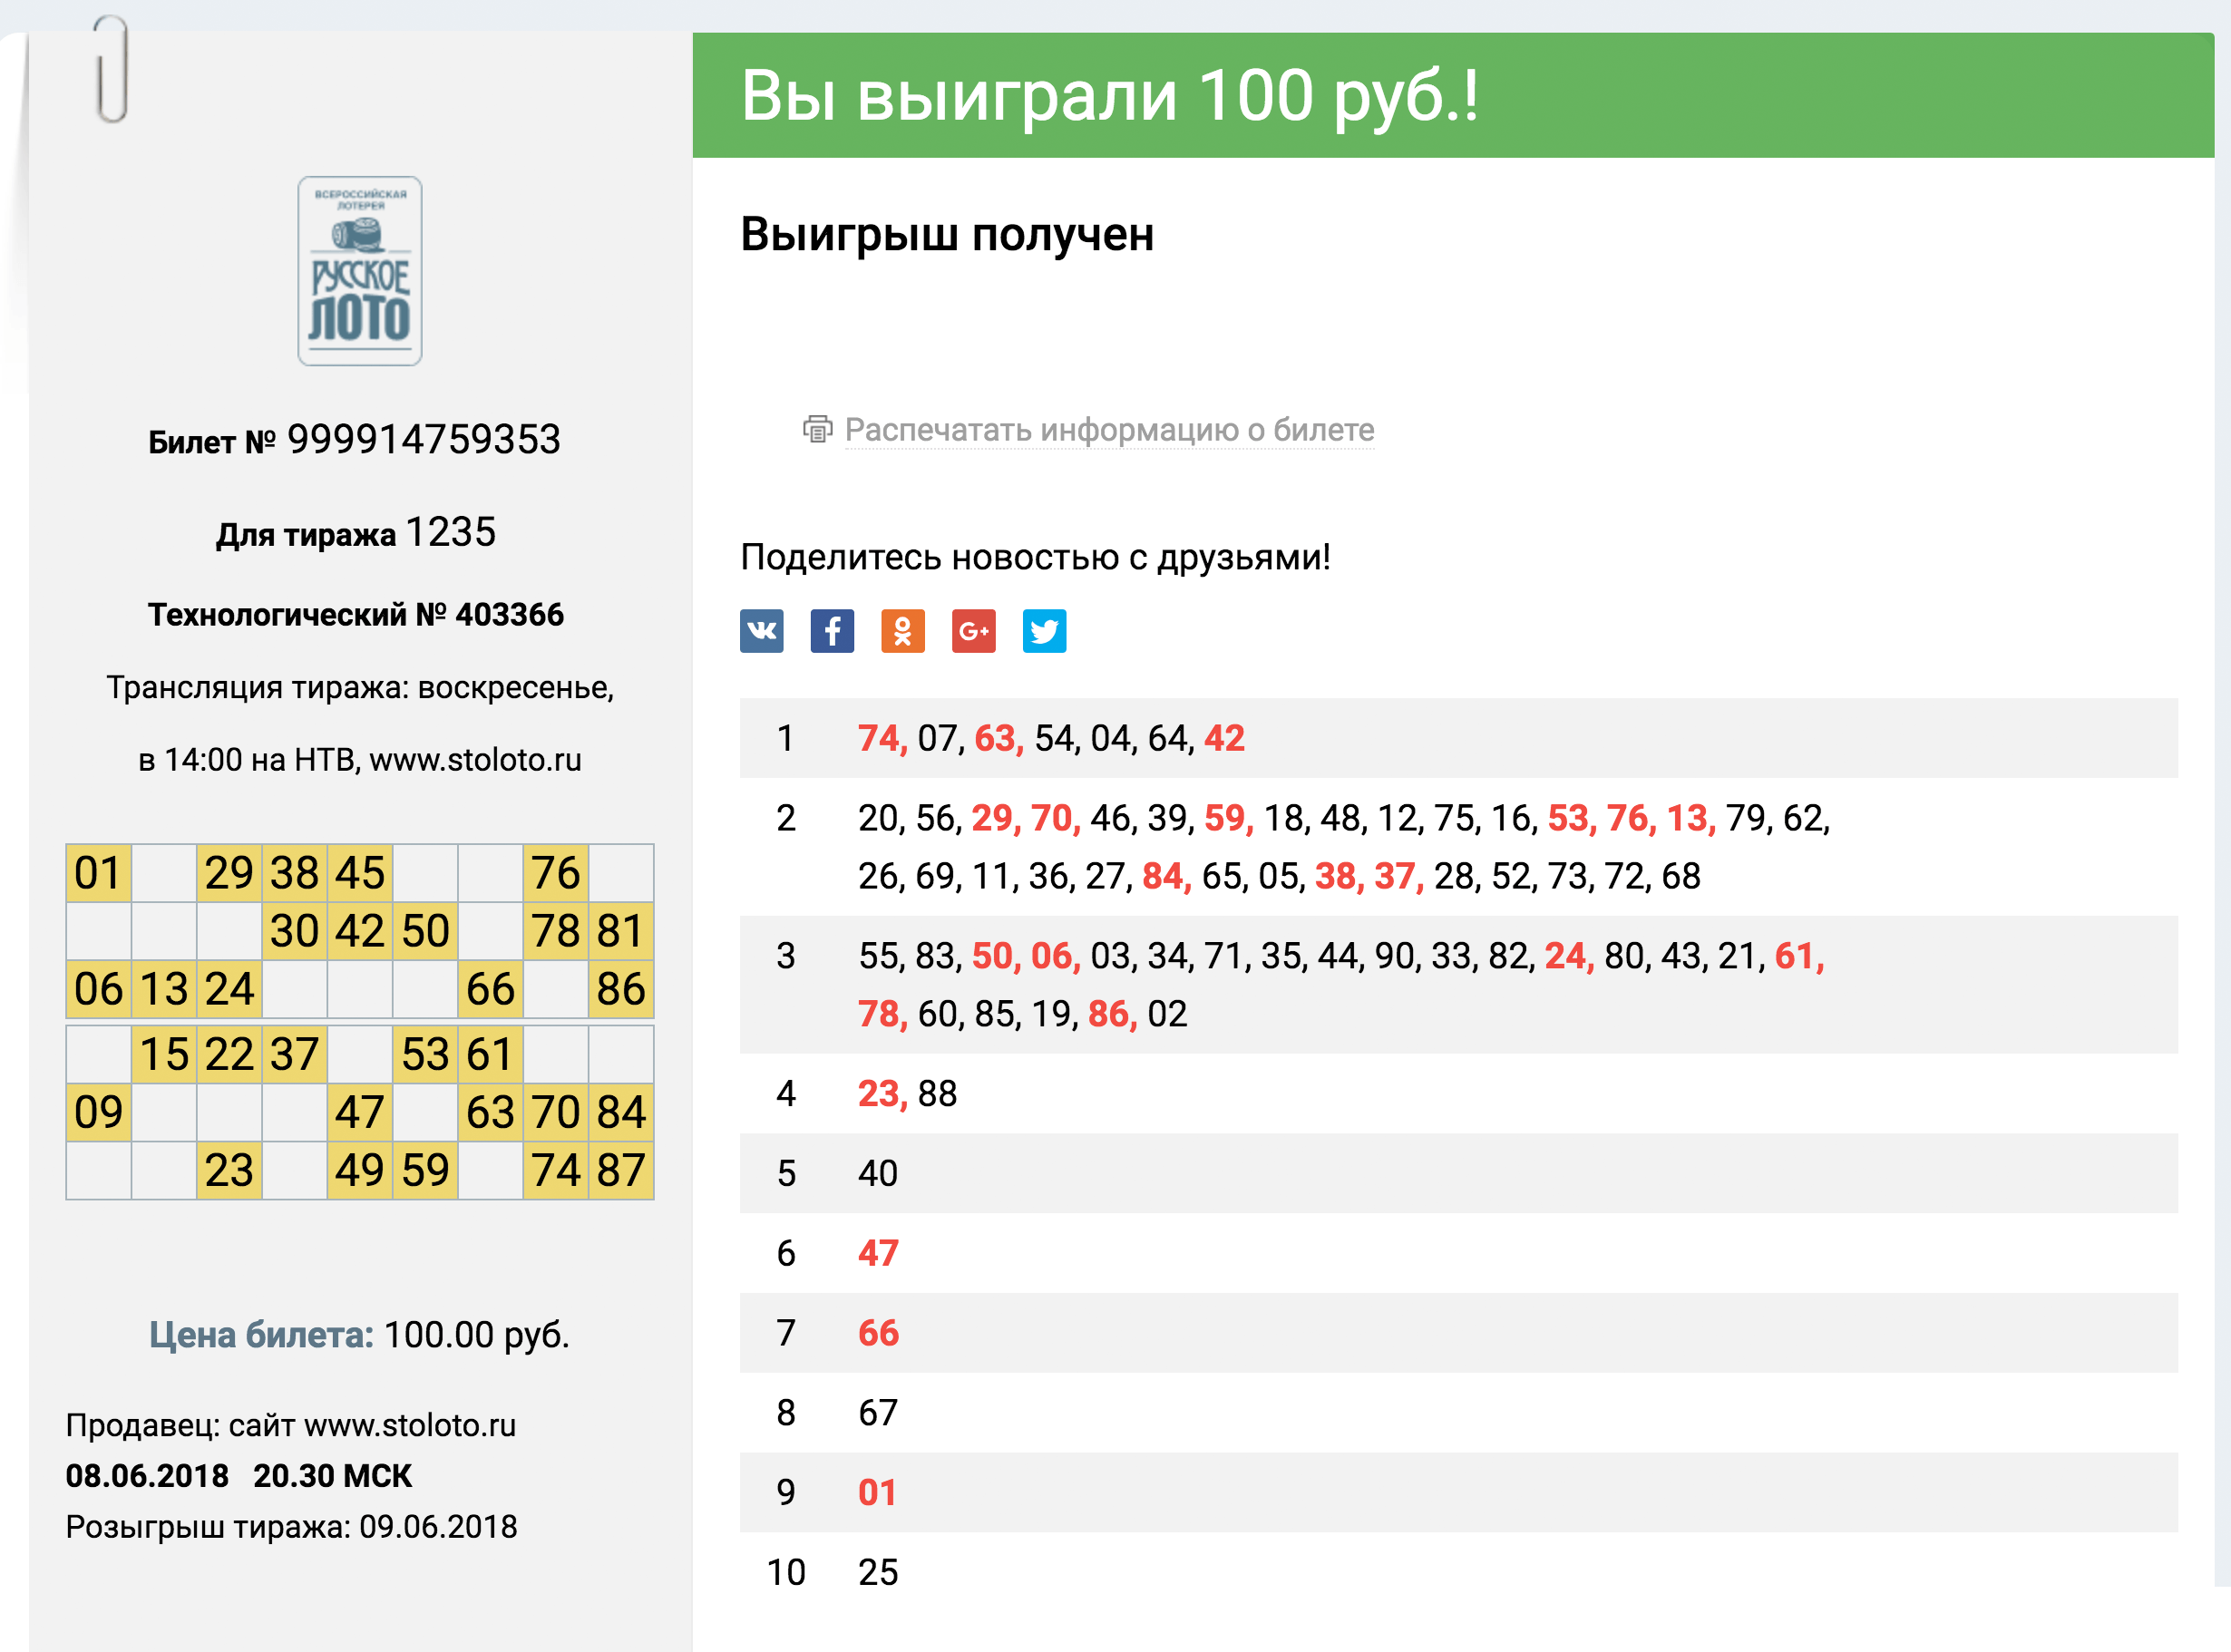 Супер лото или популярные лотереи мира: во что играть украинцам.